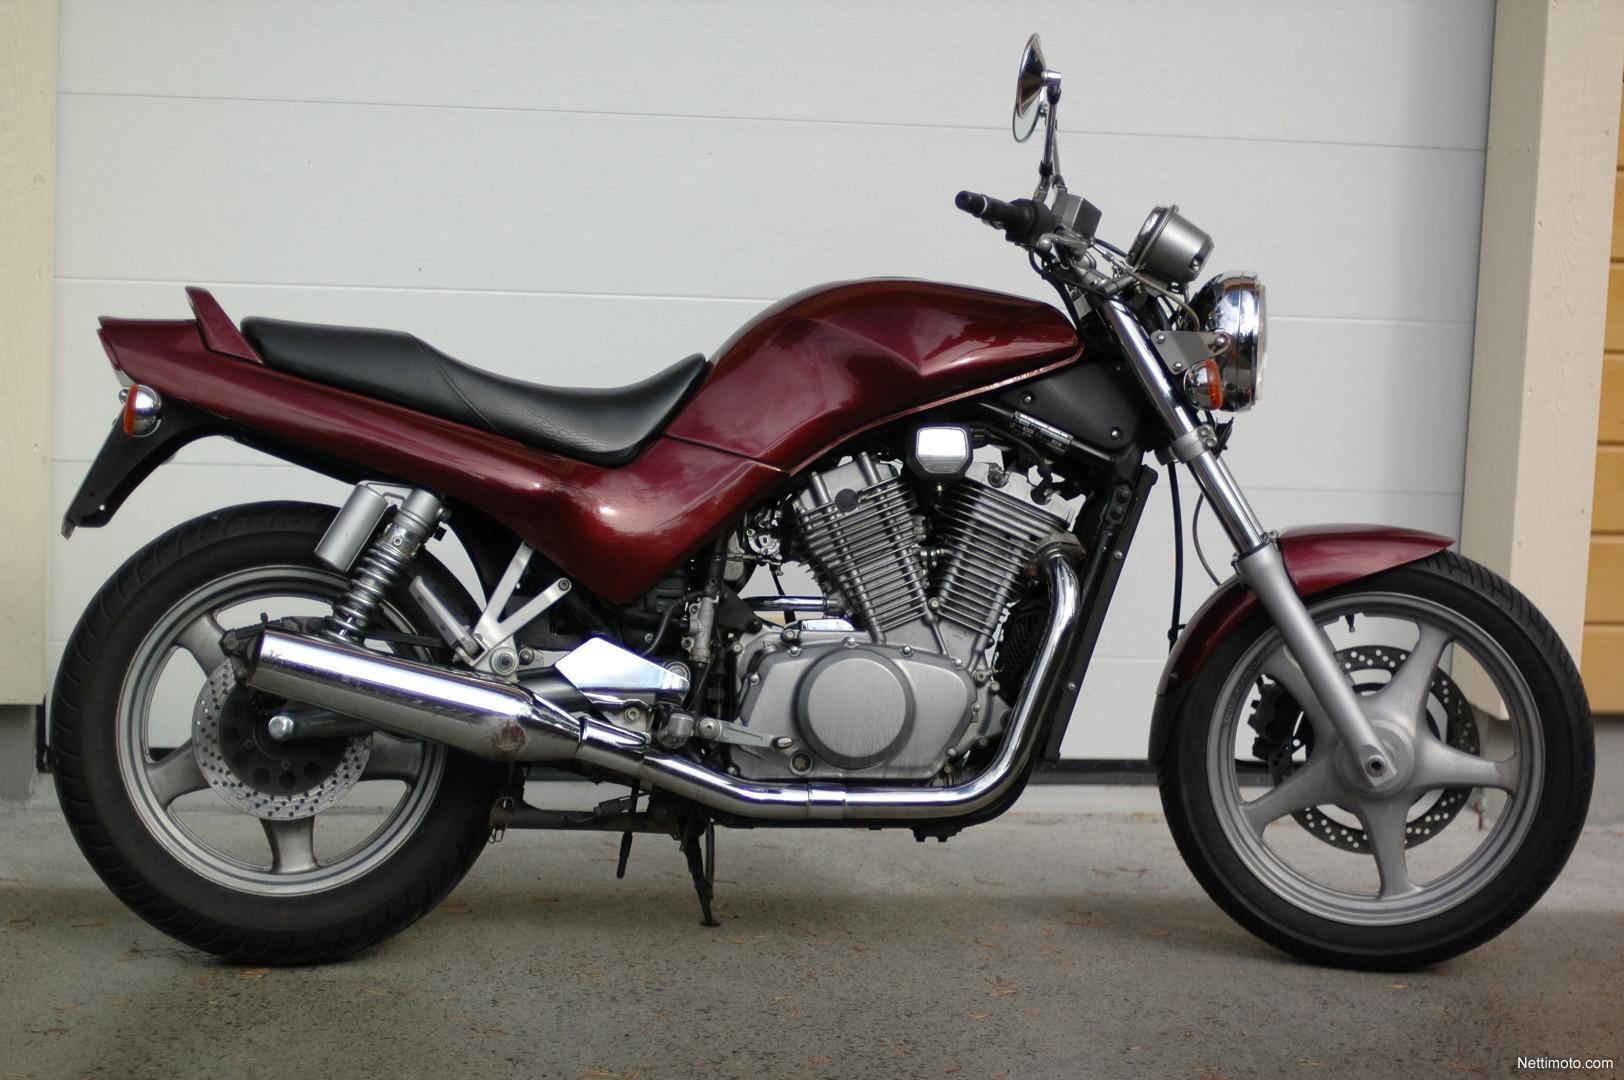 1997 Suzuki VX 800 - Moto.ZombDrive.COM